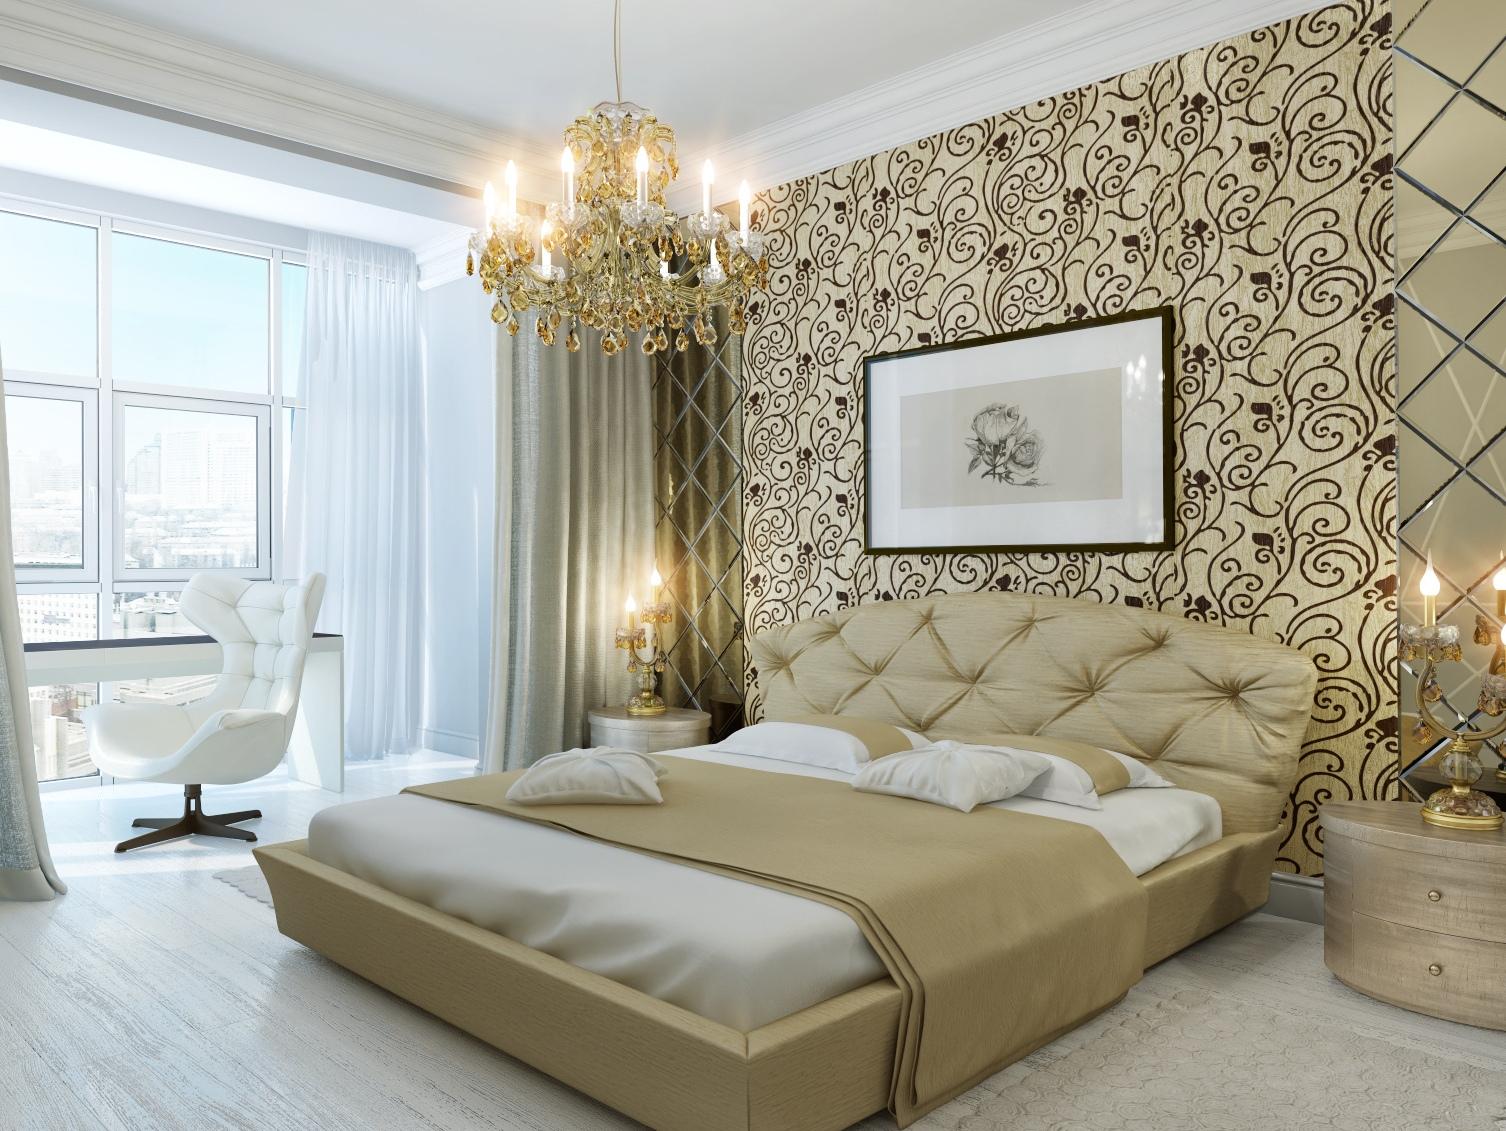 Оливково-белая классическая спальня